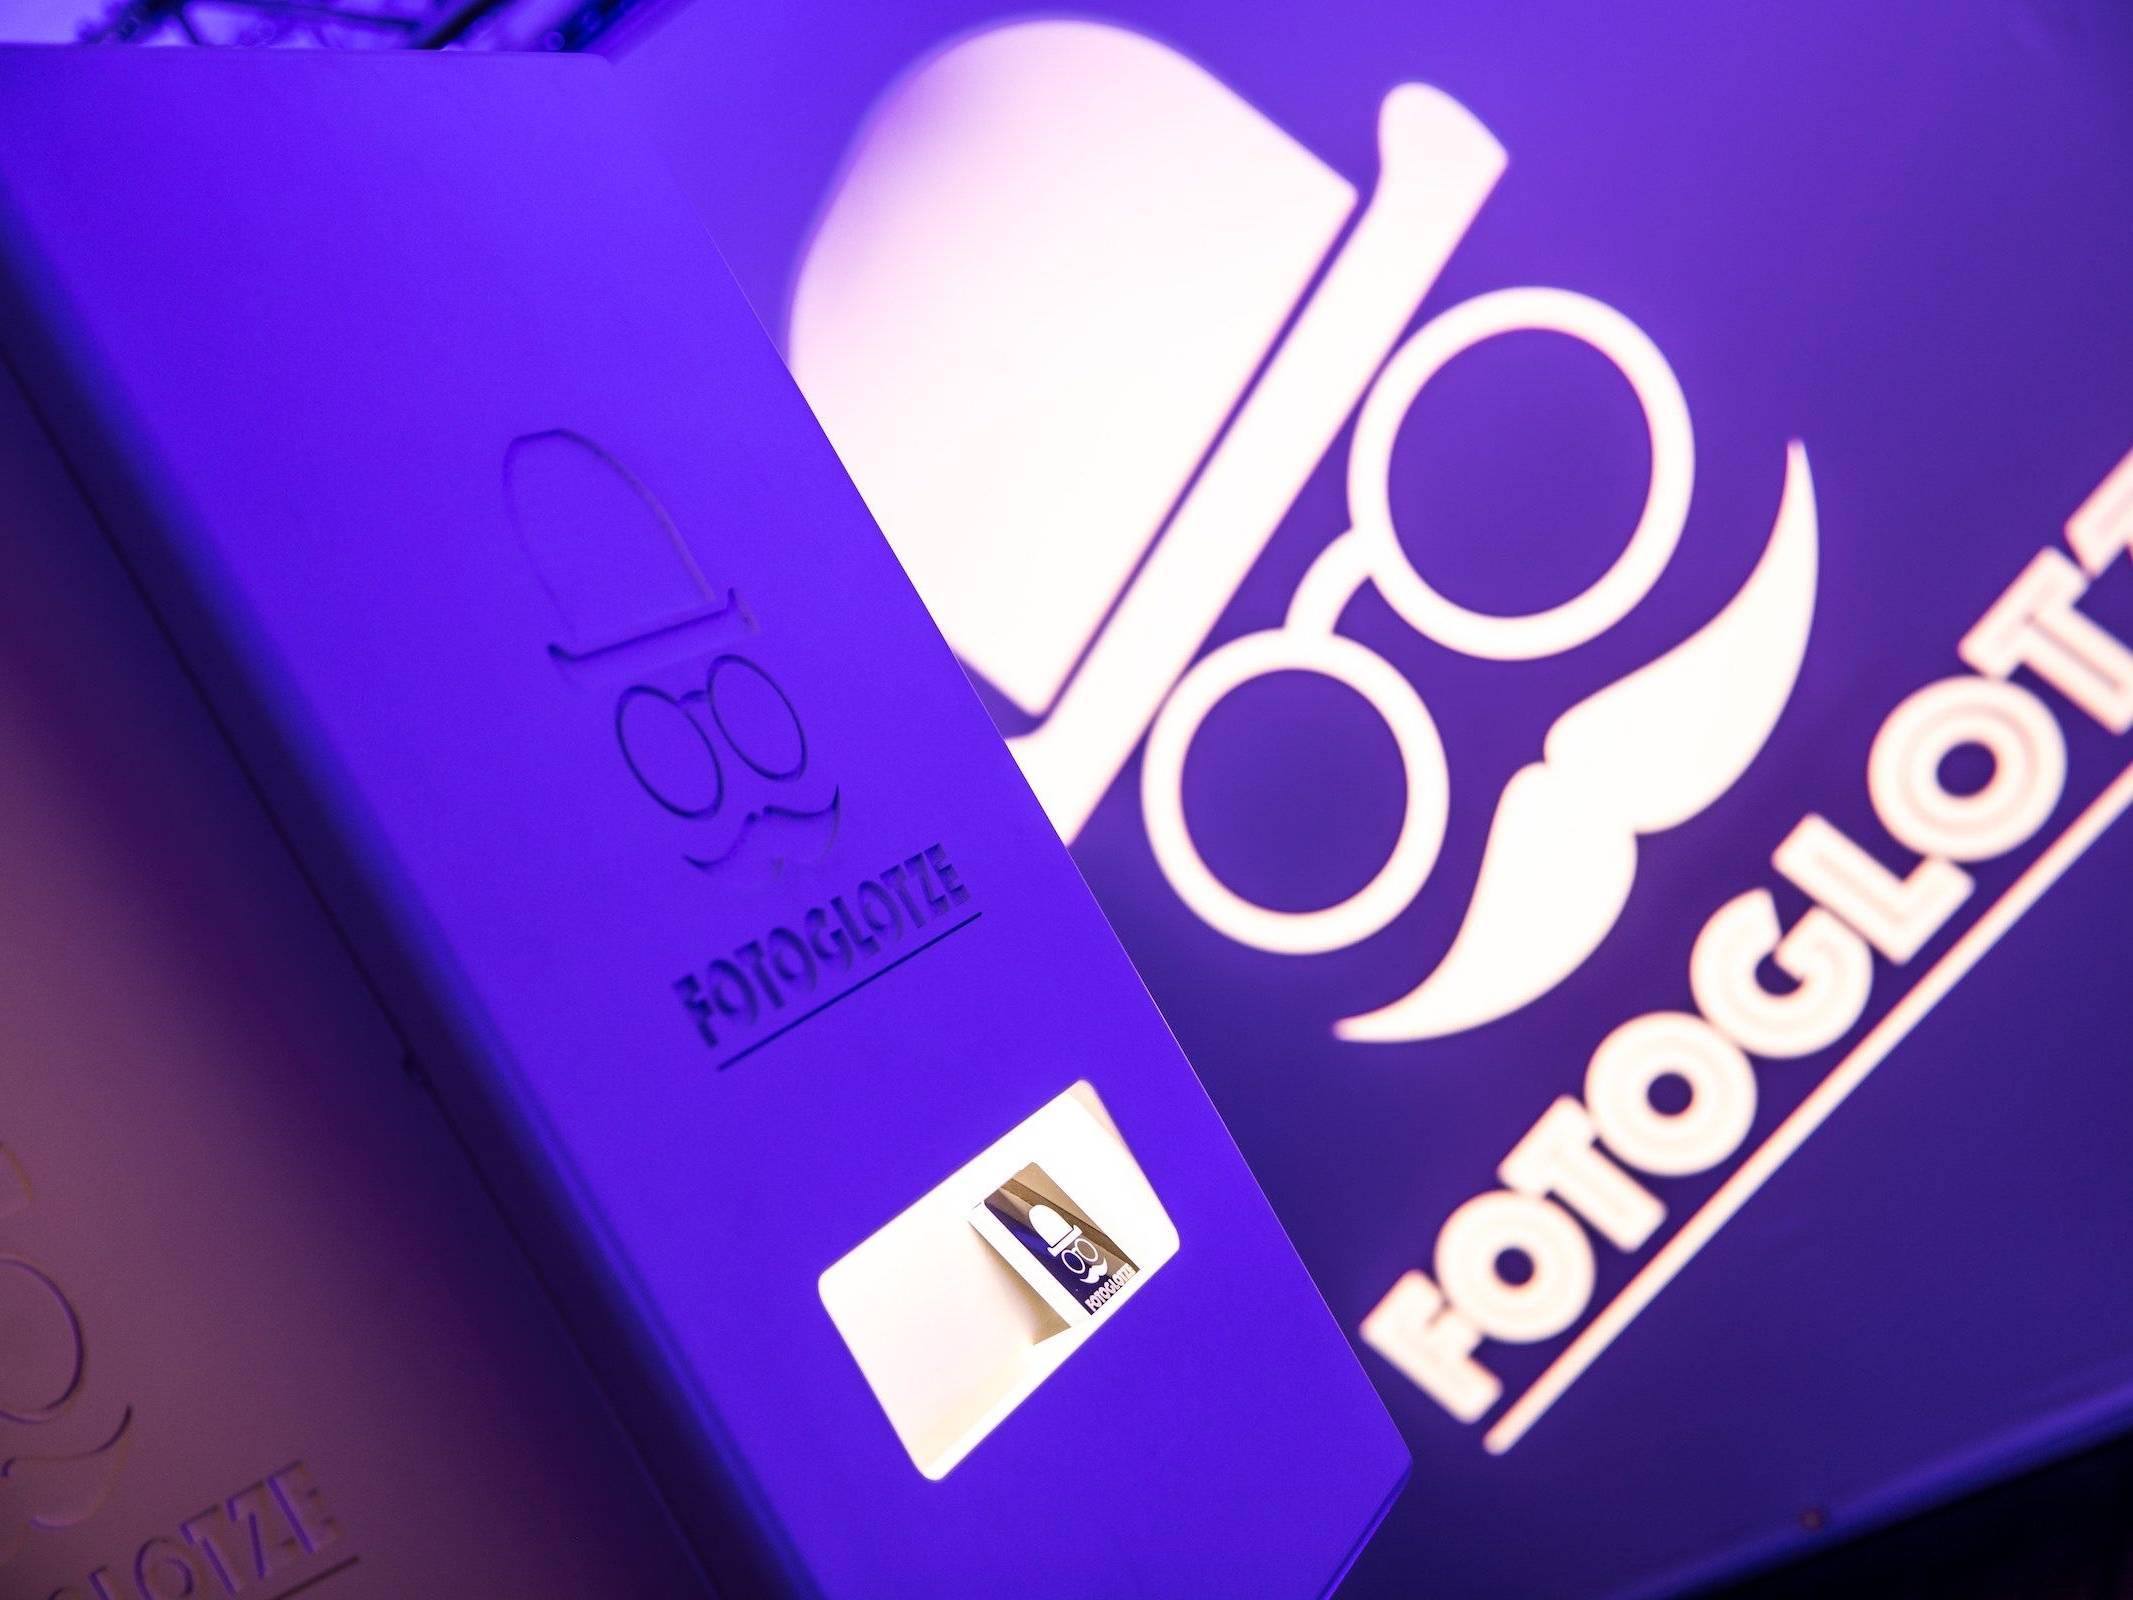 Fotobox   Mieten   Druck   Ausdruck   Hamburg   Sofortdruck   Fotokiste   Photobooth   Hochzeit   Messe   Event   Firmenfeier   Abiball   Buchen   Anfragen   Mieten   Fotoglotze   Hamburgfeiert